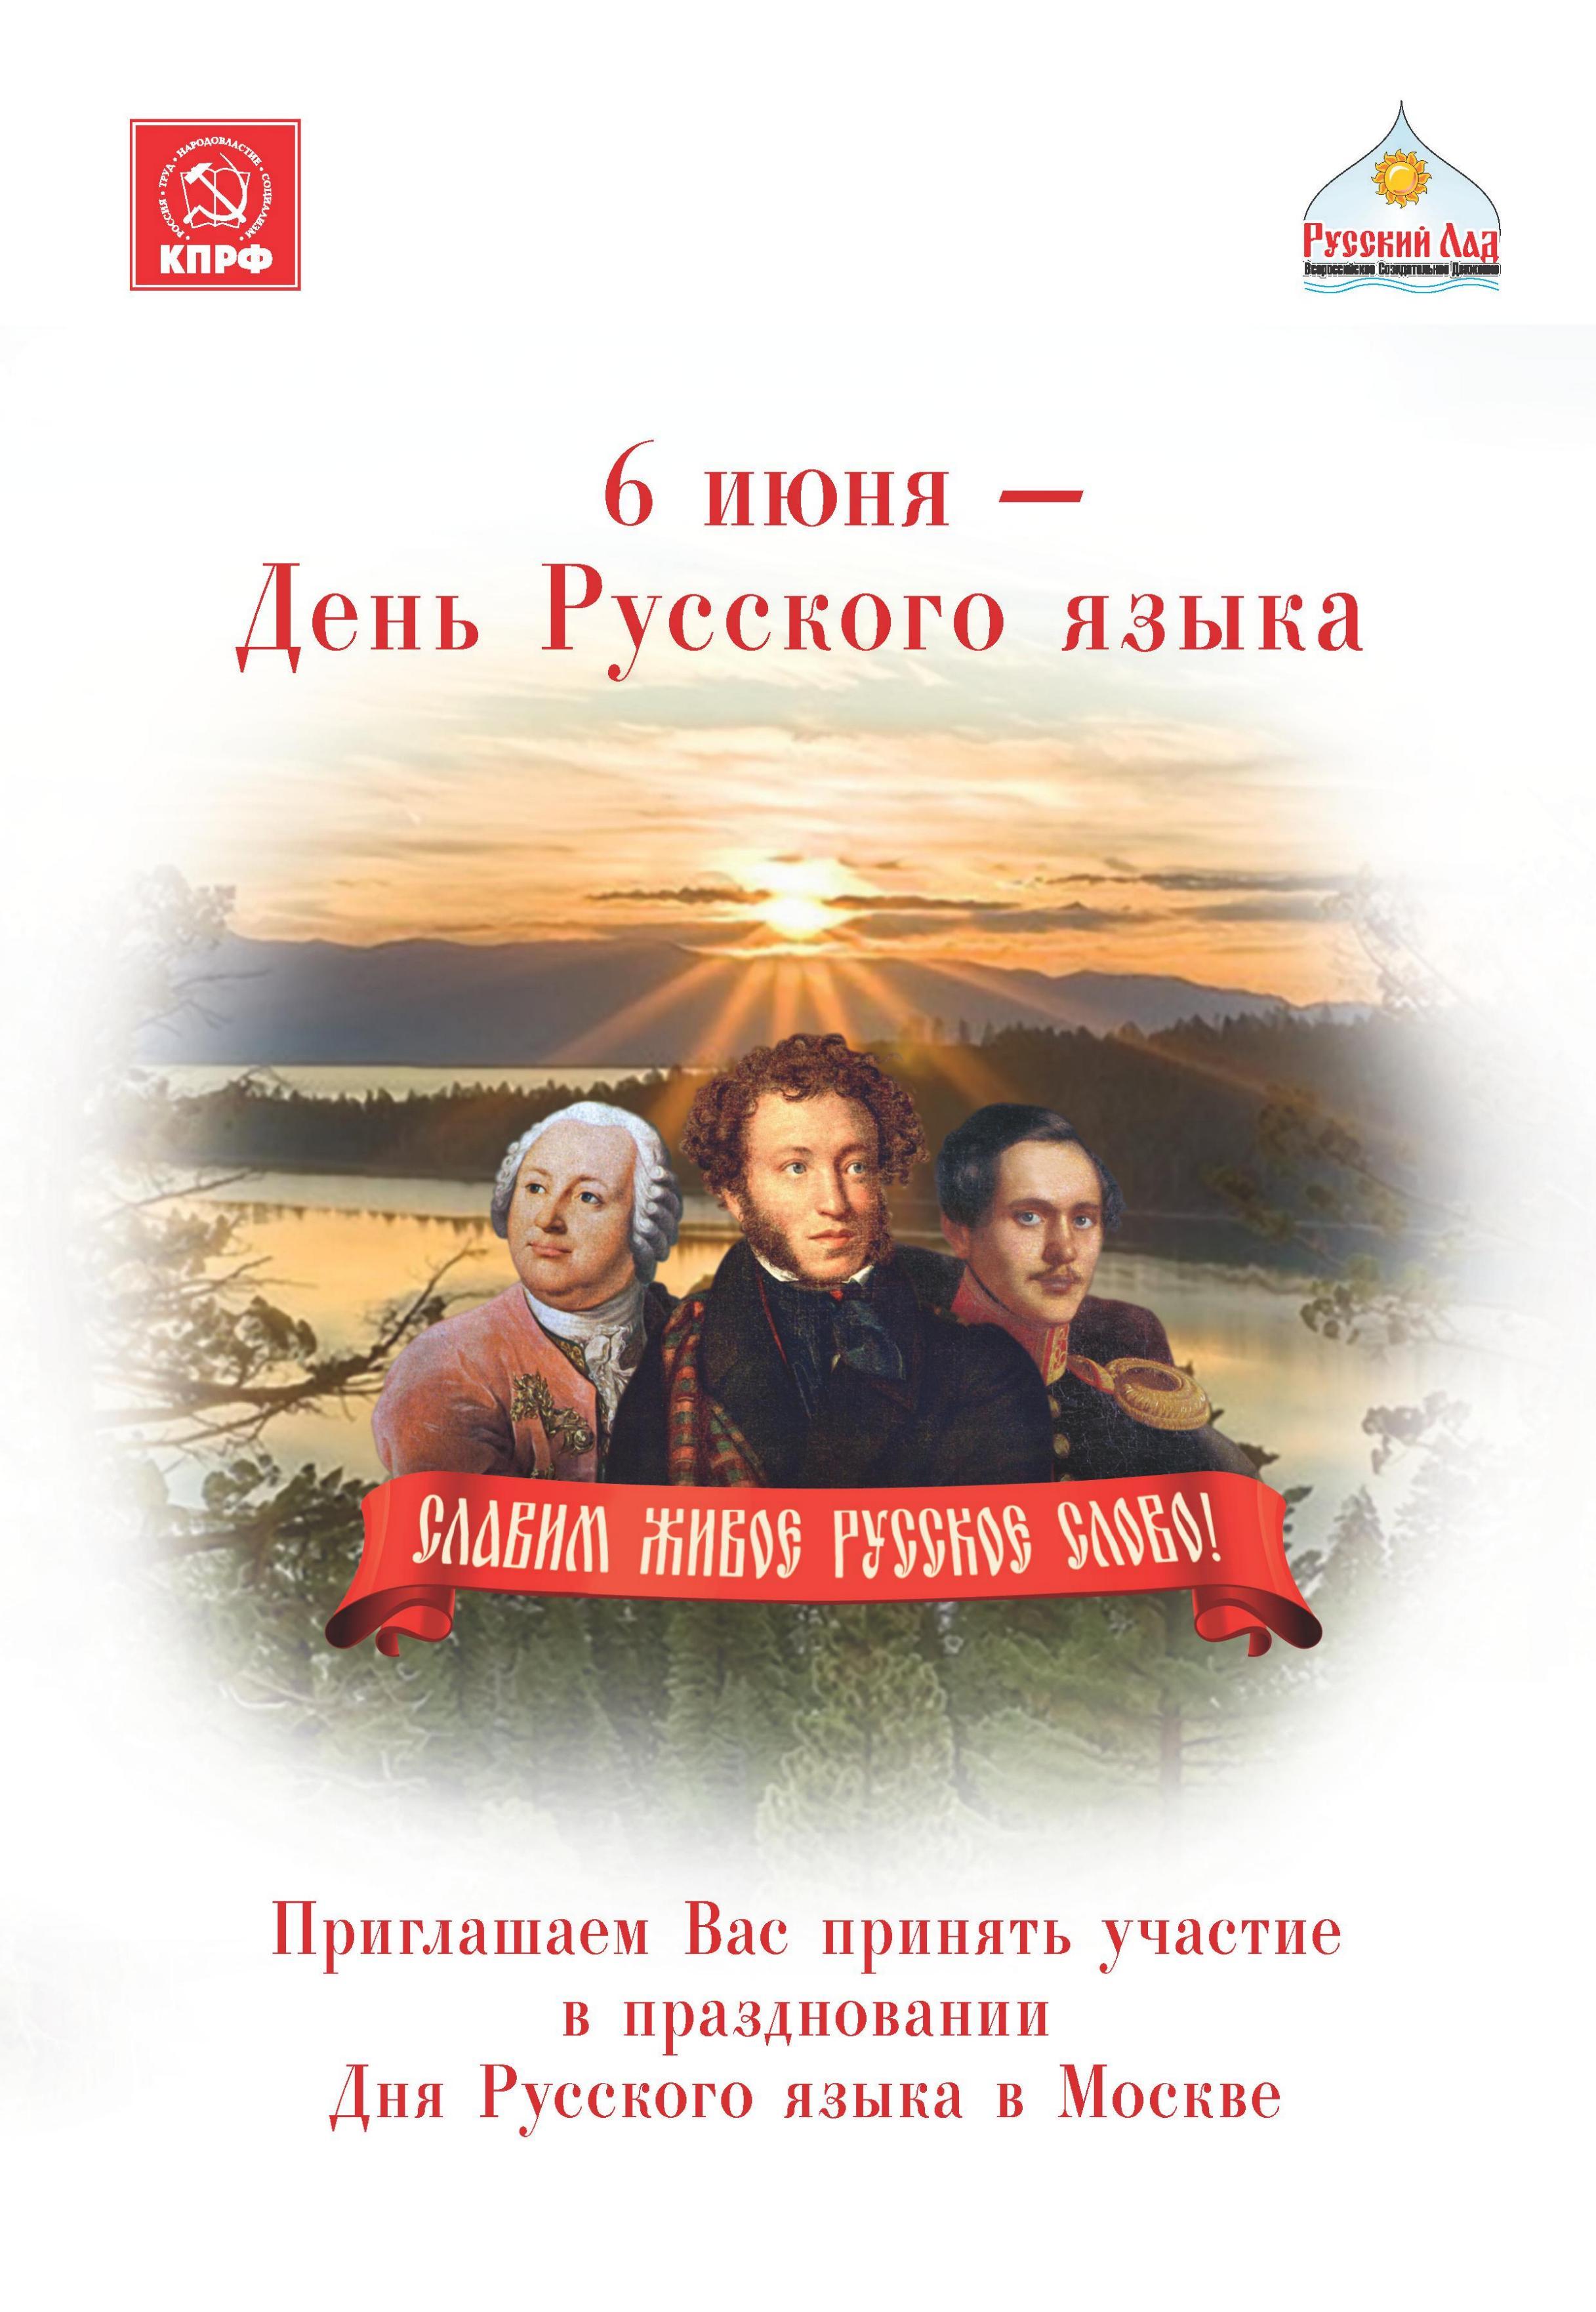 Поздравление с днем пушкин в прозе